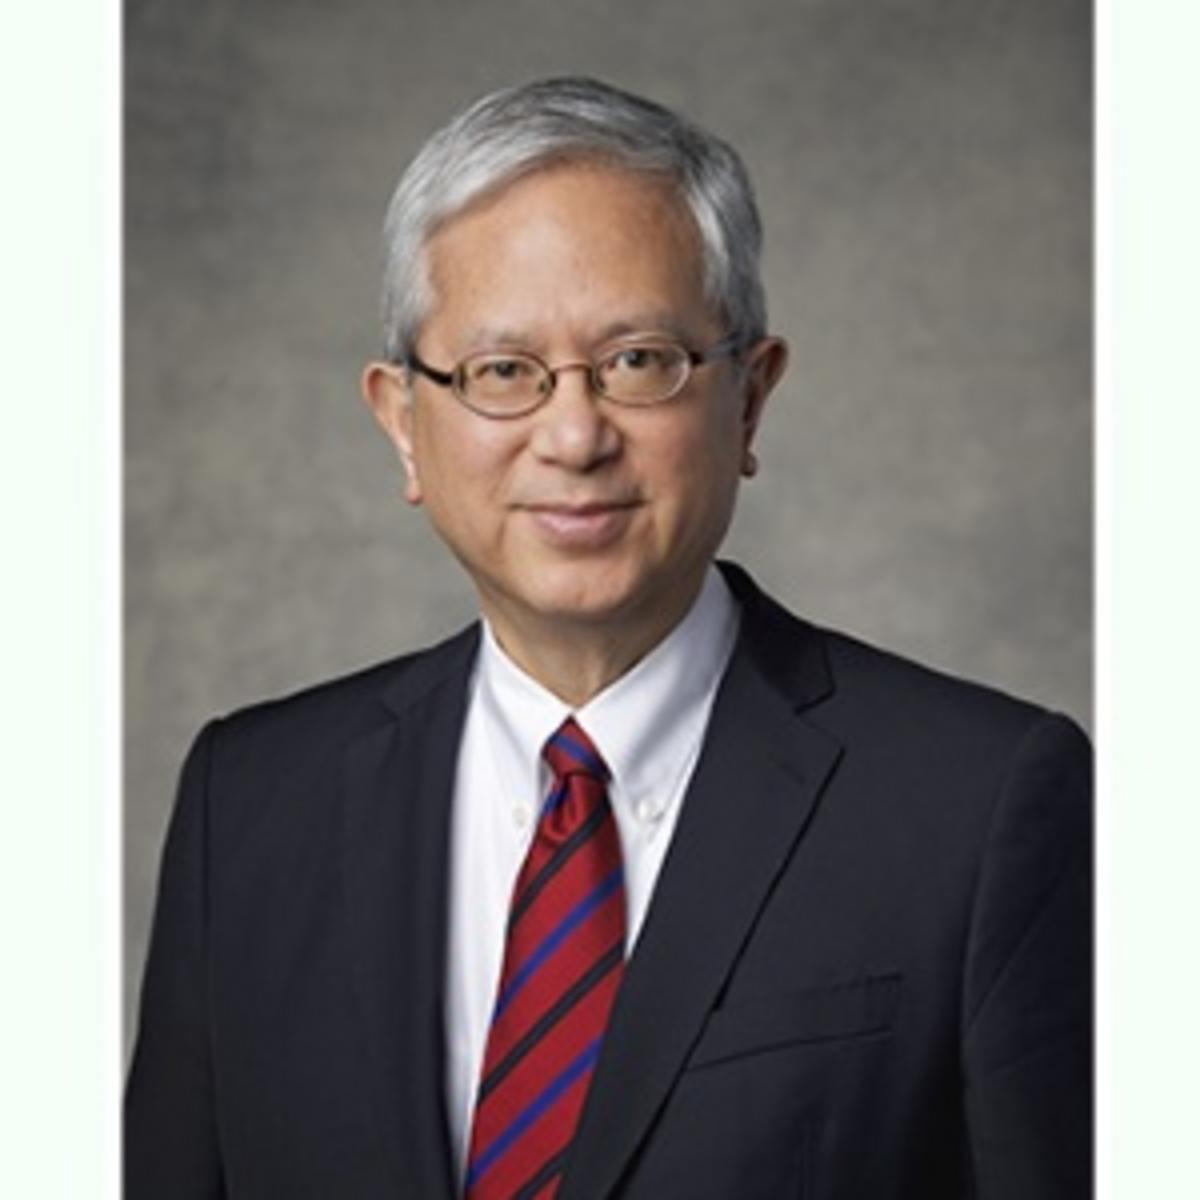 Elder Gerrit Gong